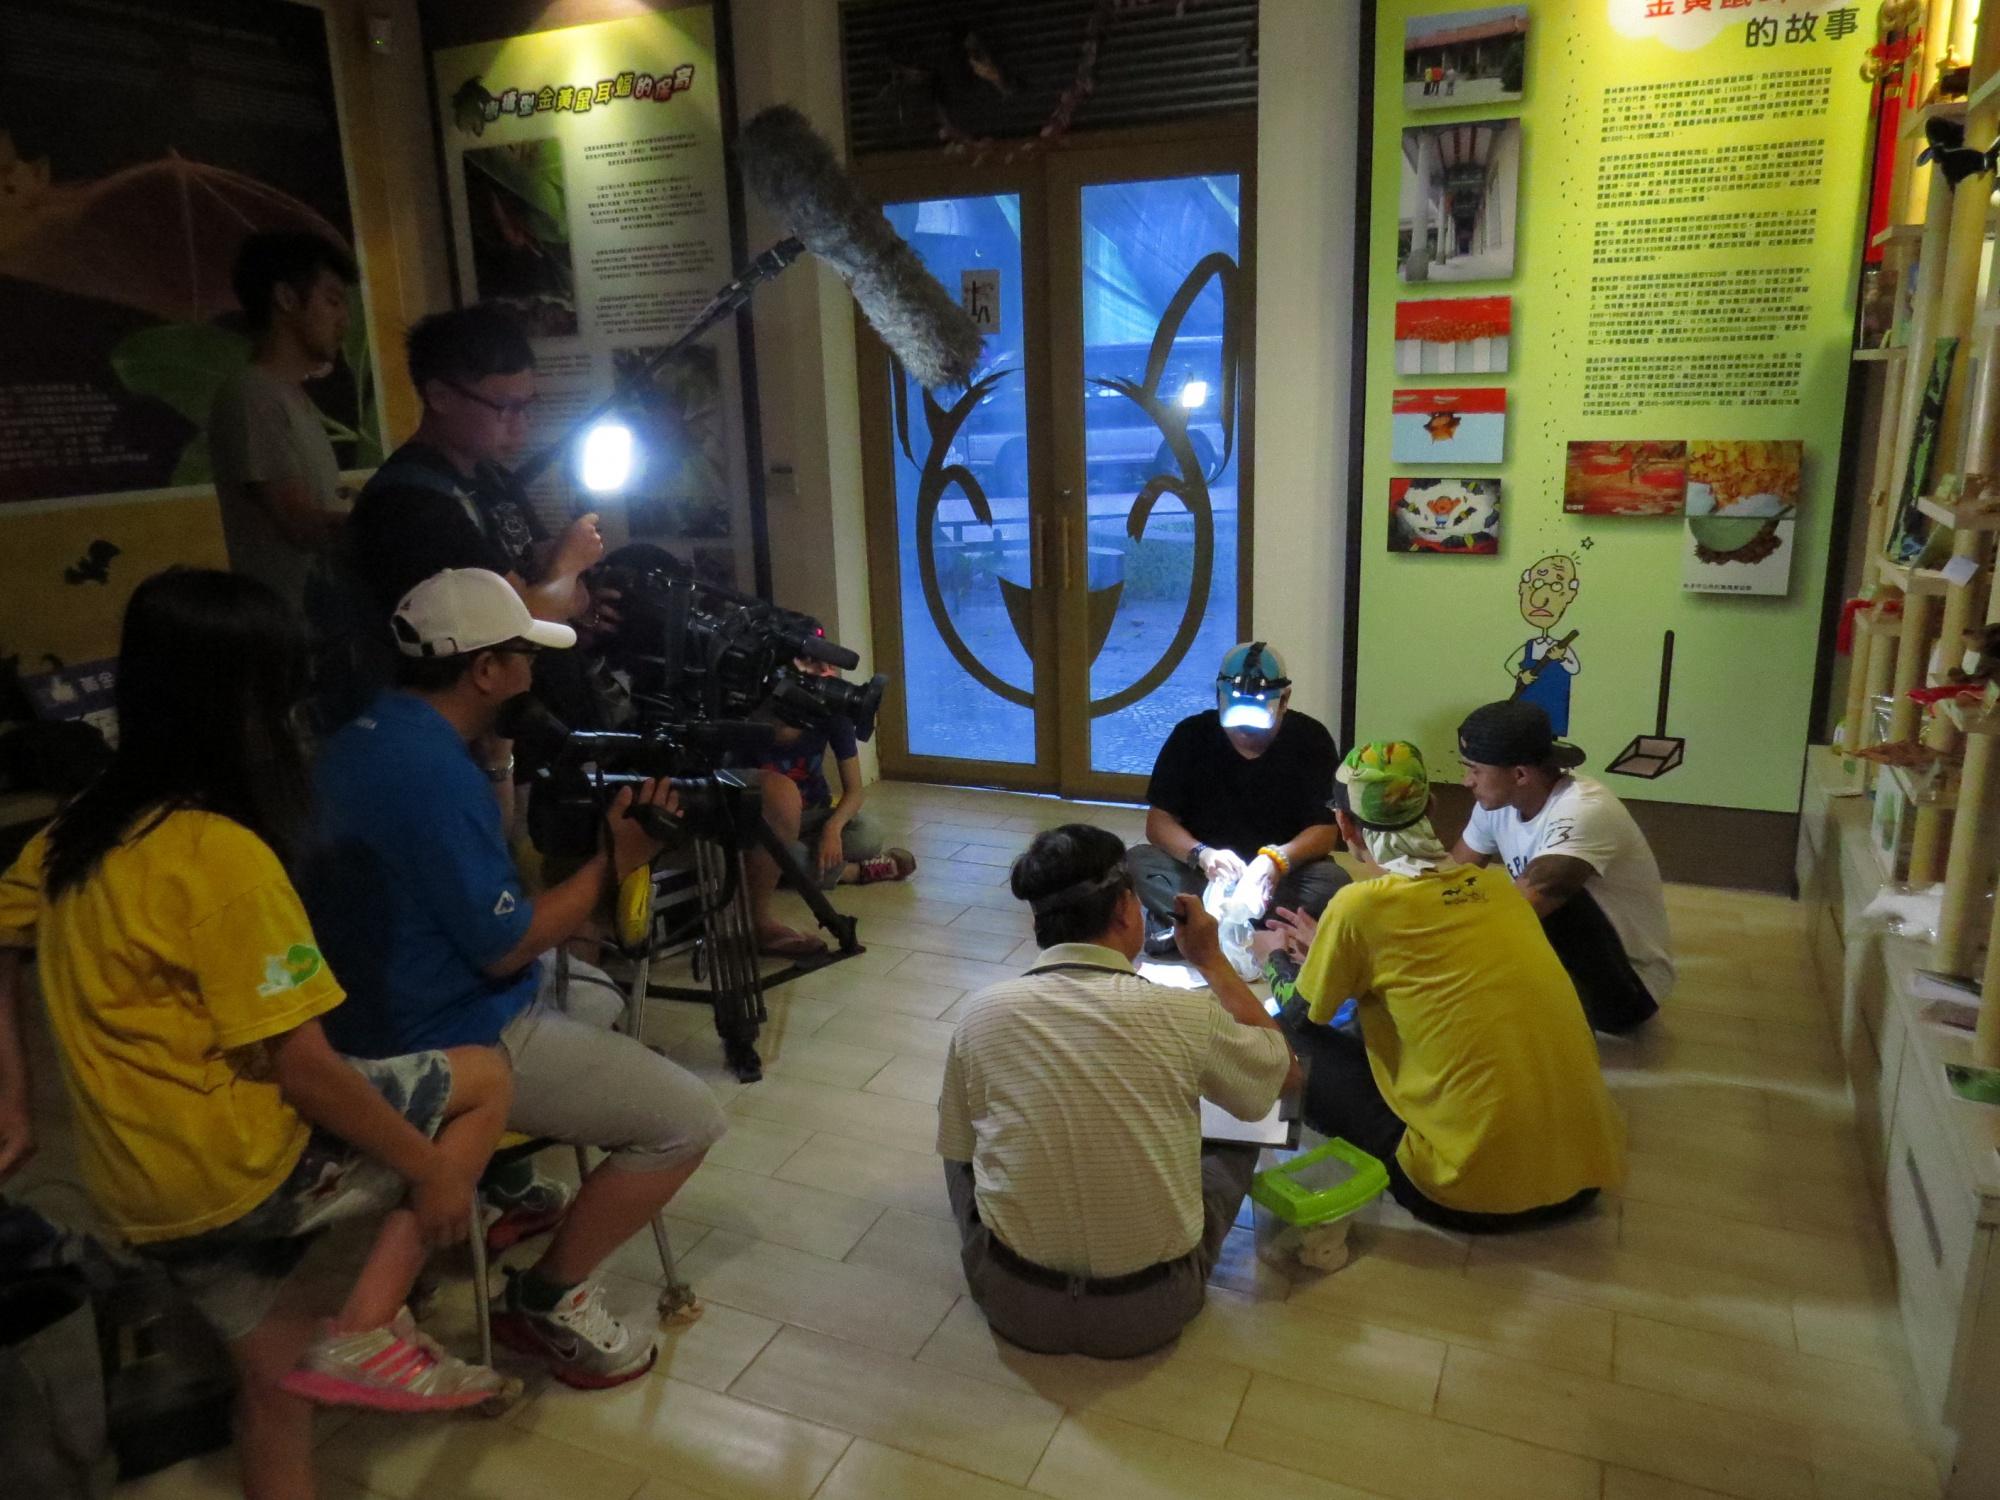 2015年5月八大電視台台灣第一等節目小馬倪子鈞採訪